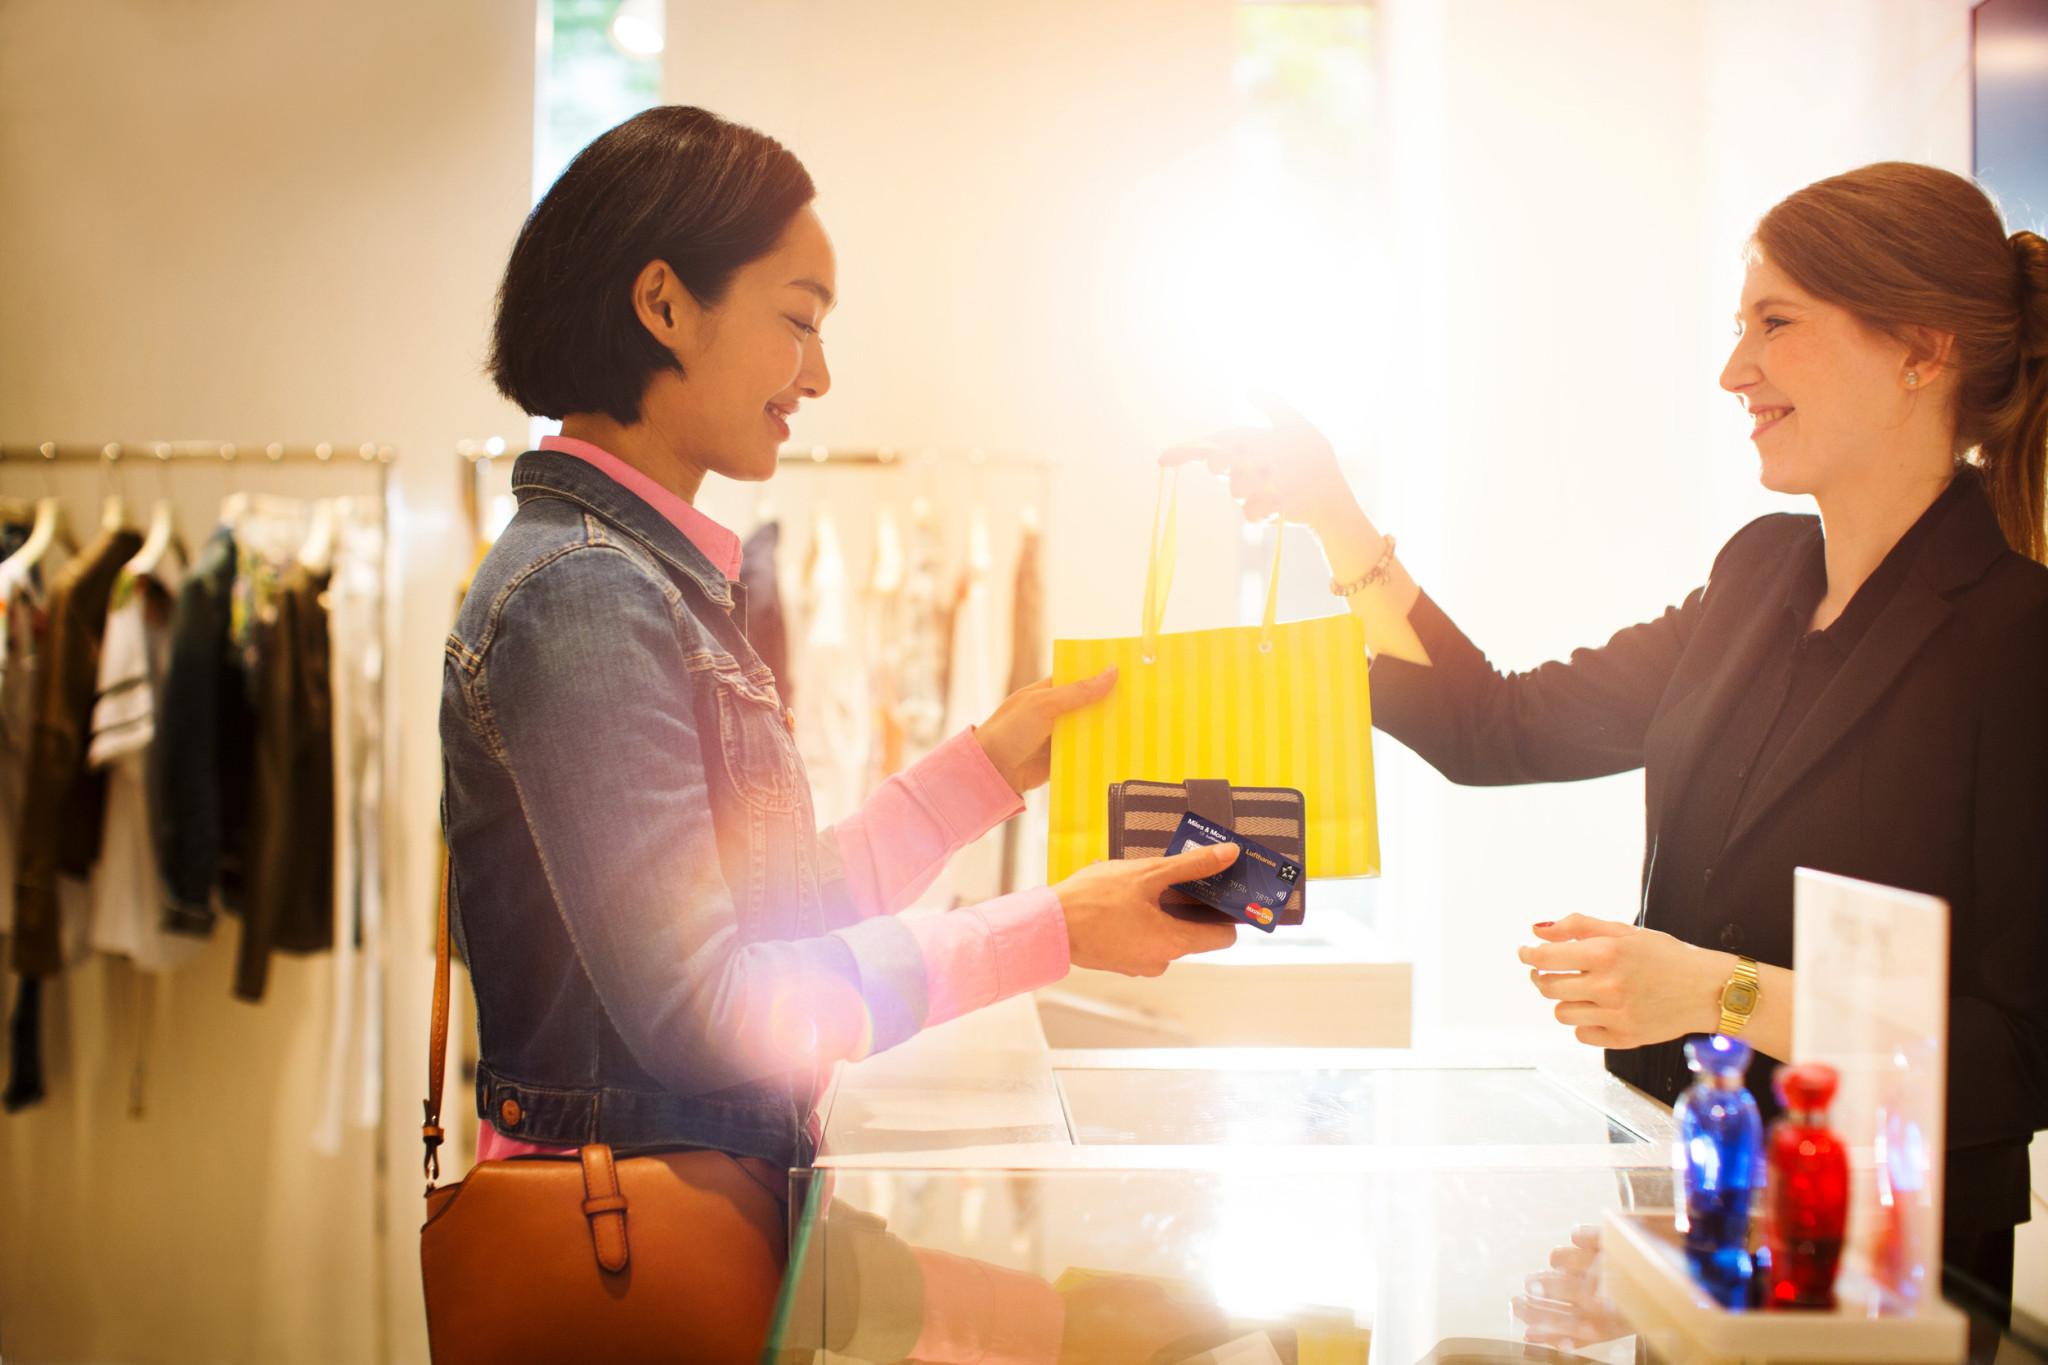 Shopping-Begeisterte sammeln beim Stadtbummel extra Prämienmeilen, wenn sie mit der Miles & More Kreditkarte bezahlen